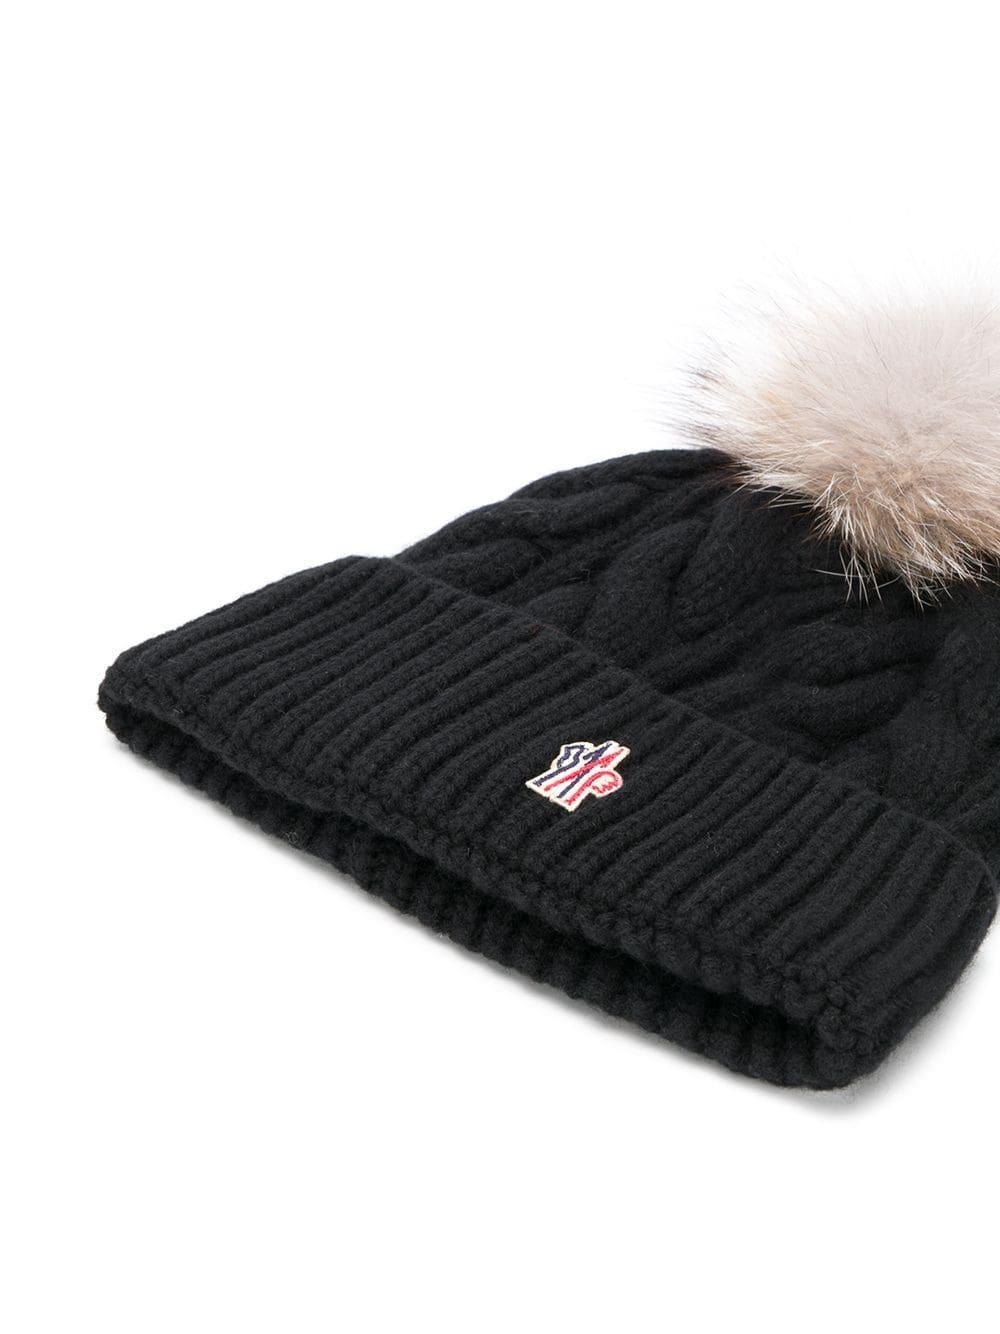 23aa4cb25 Women's Black Fox Fur Pom Pom Beanie Hat